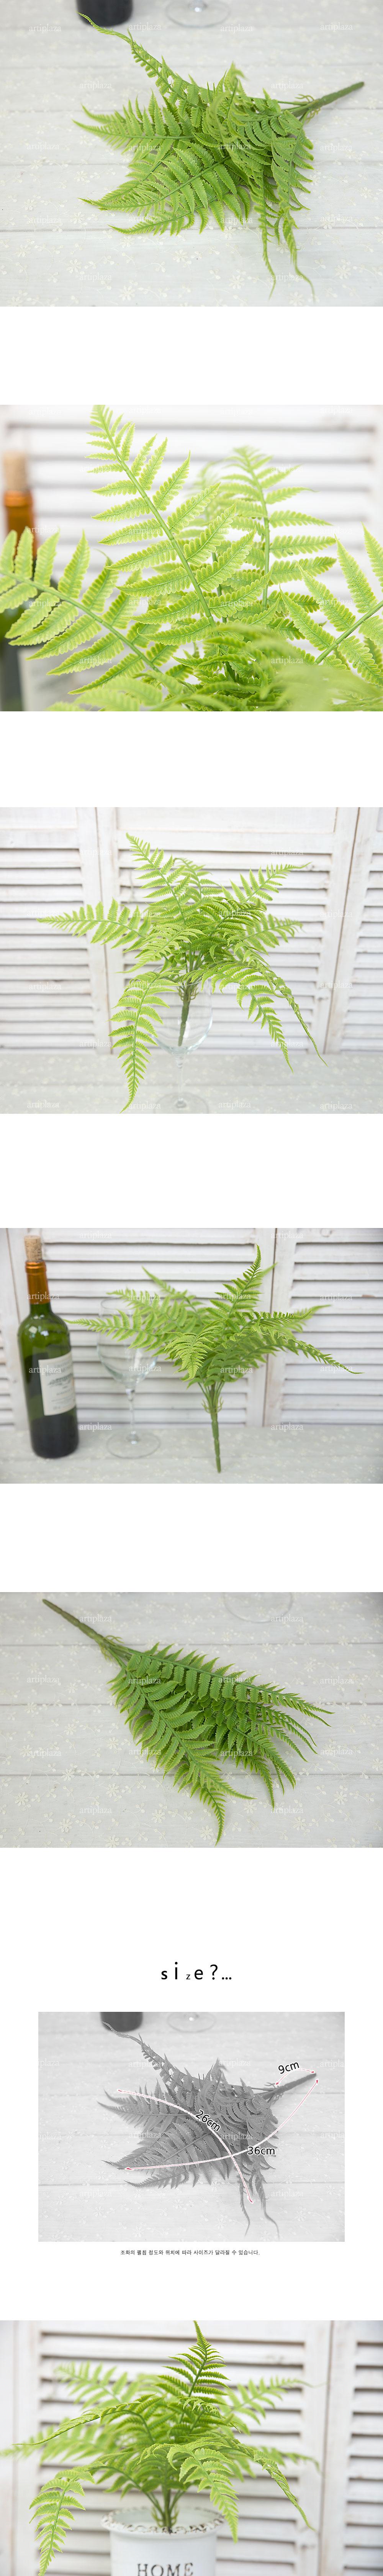 노무라 고사리 부쉬 조화 - 아티플라자, 4,500원, 조화, 리스/가랜드